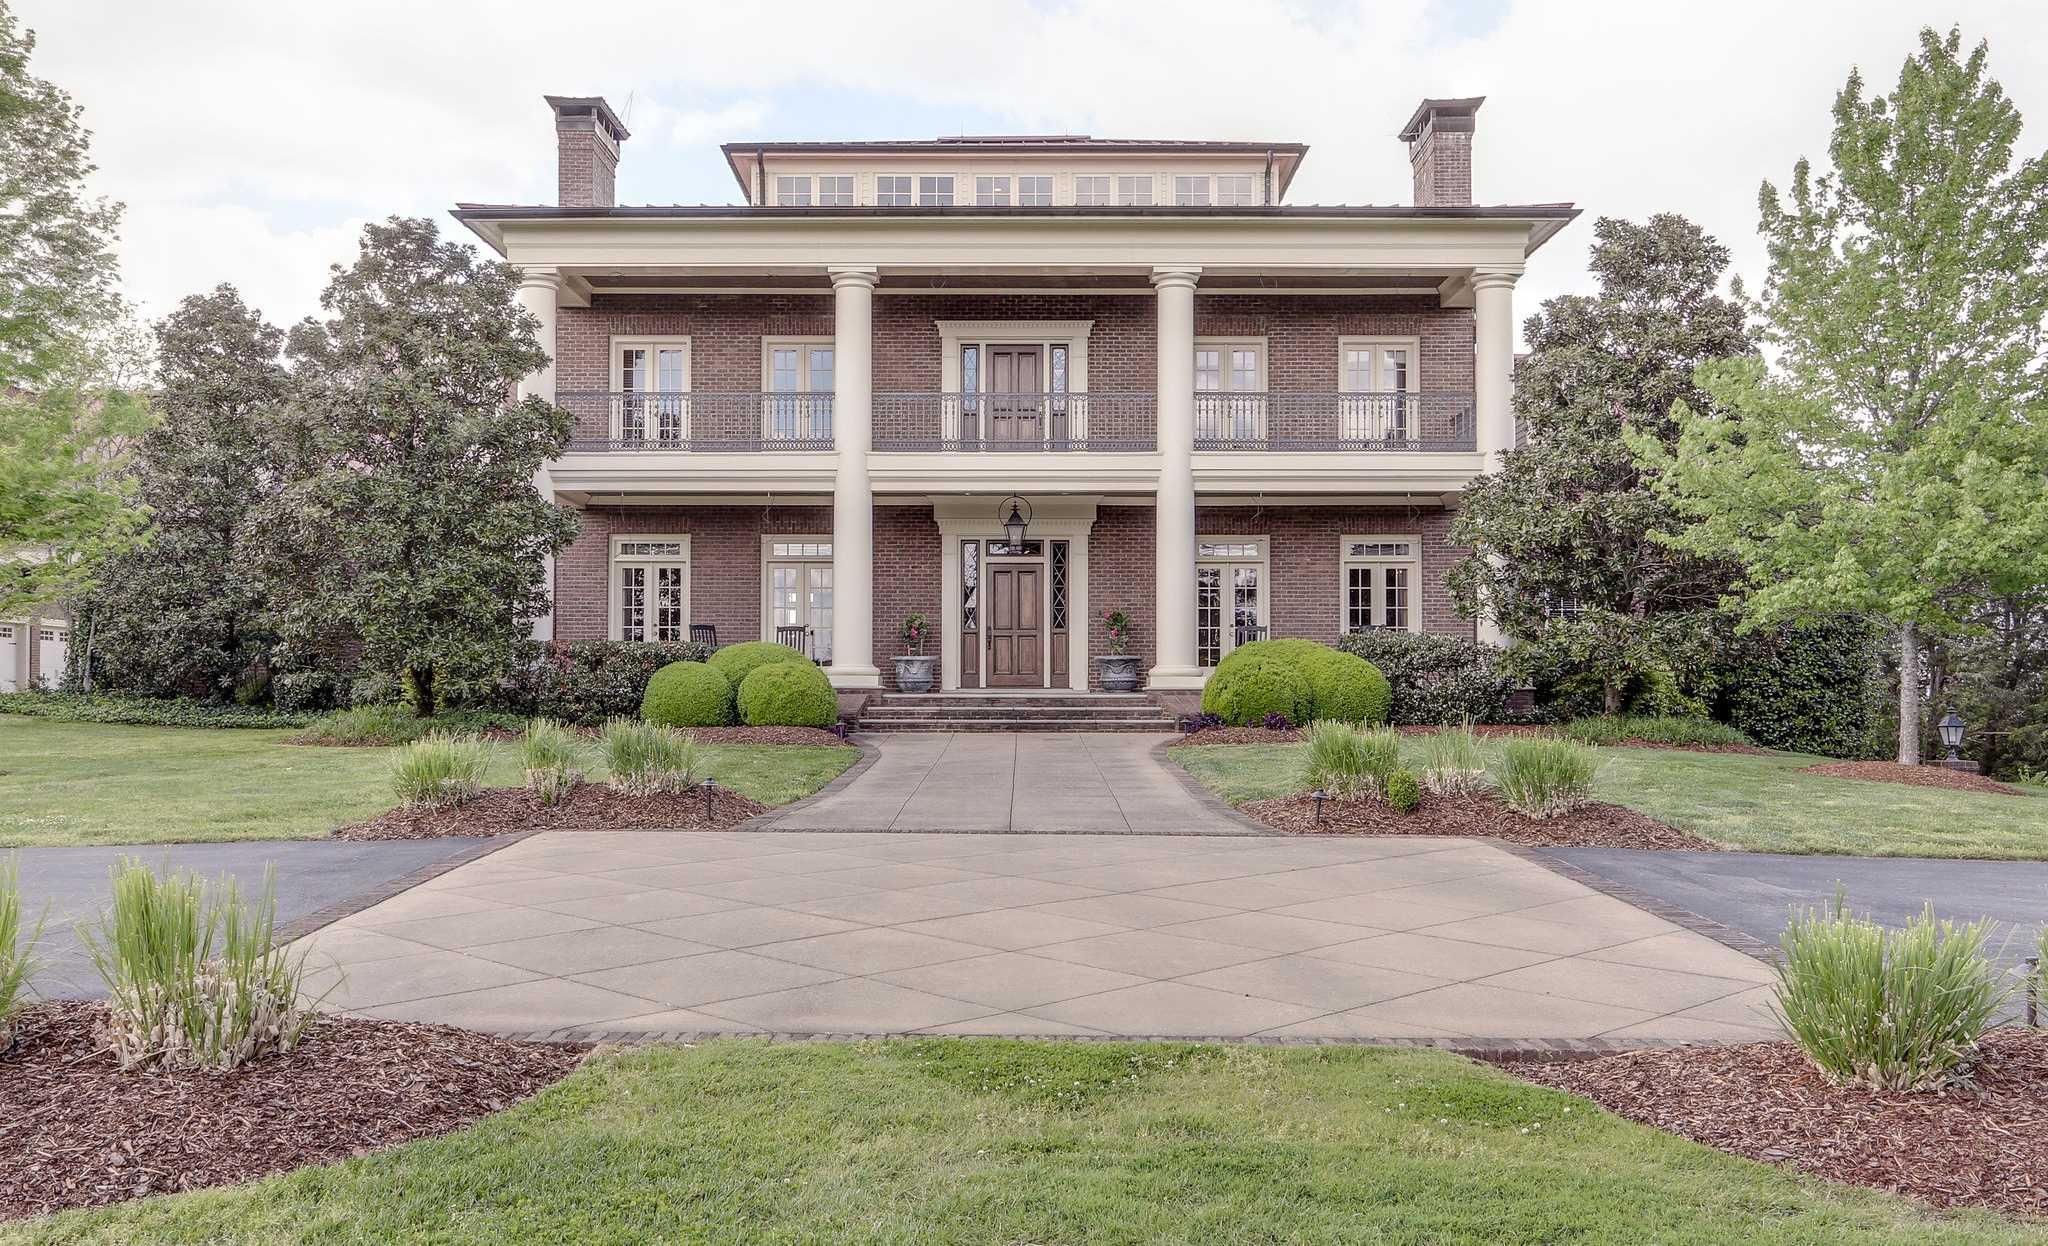 $5,750,000 - 8Br/15Ba -  for Sale in None-carlisle Hill, Franklin